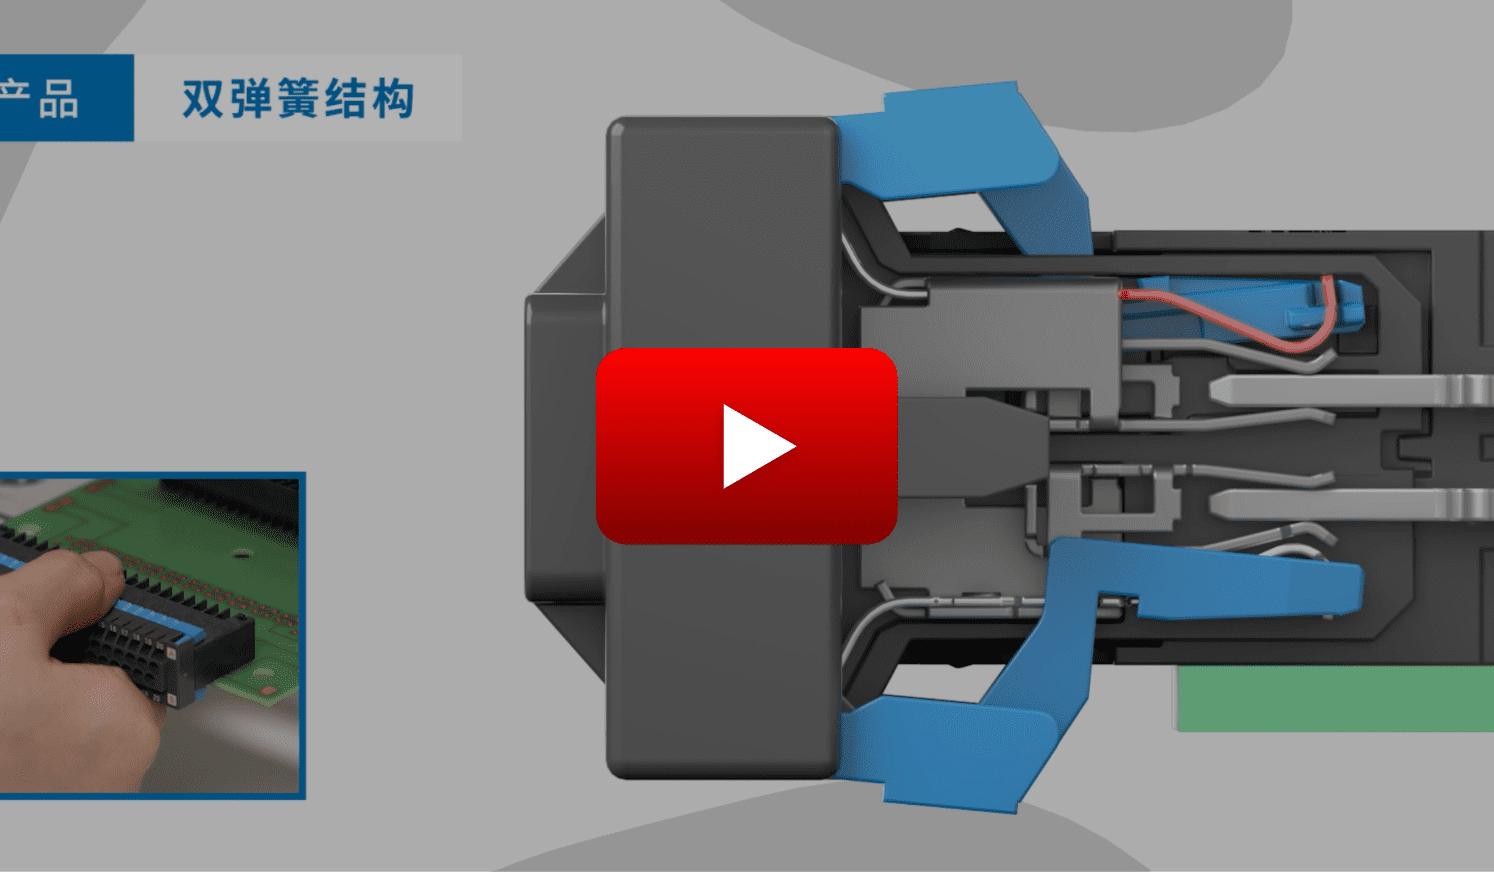 双弹簧结构视频